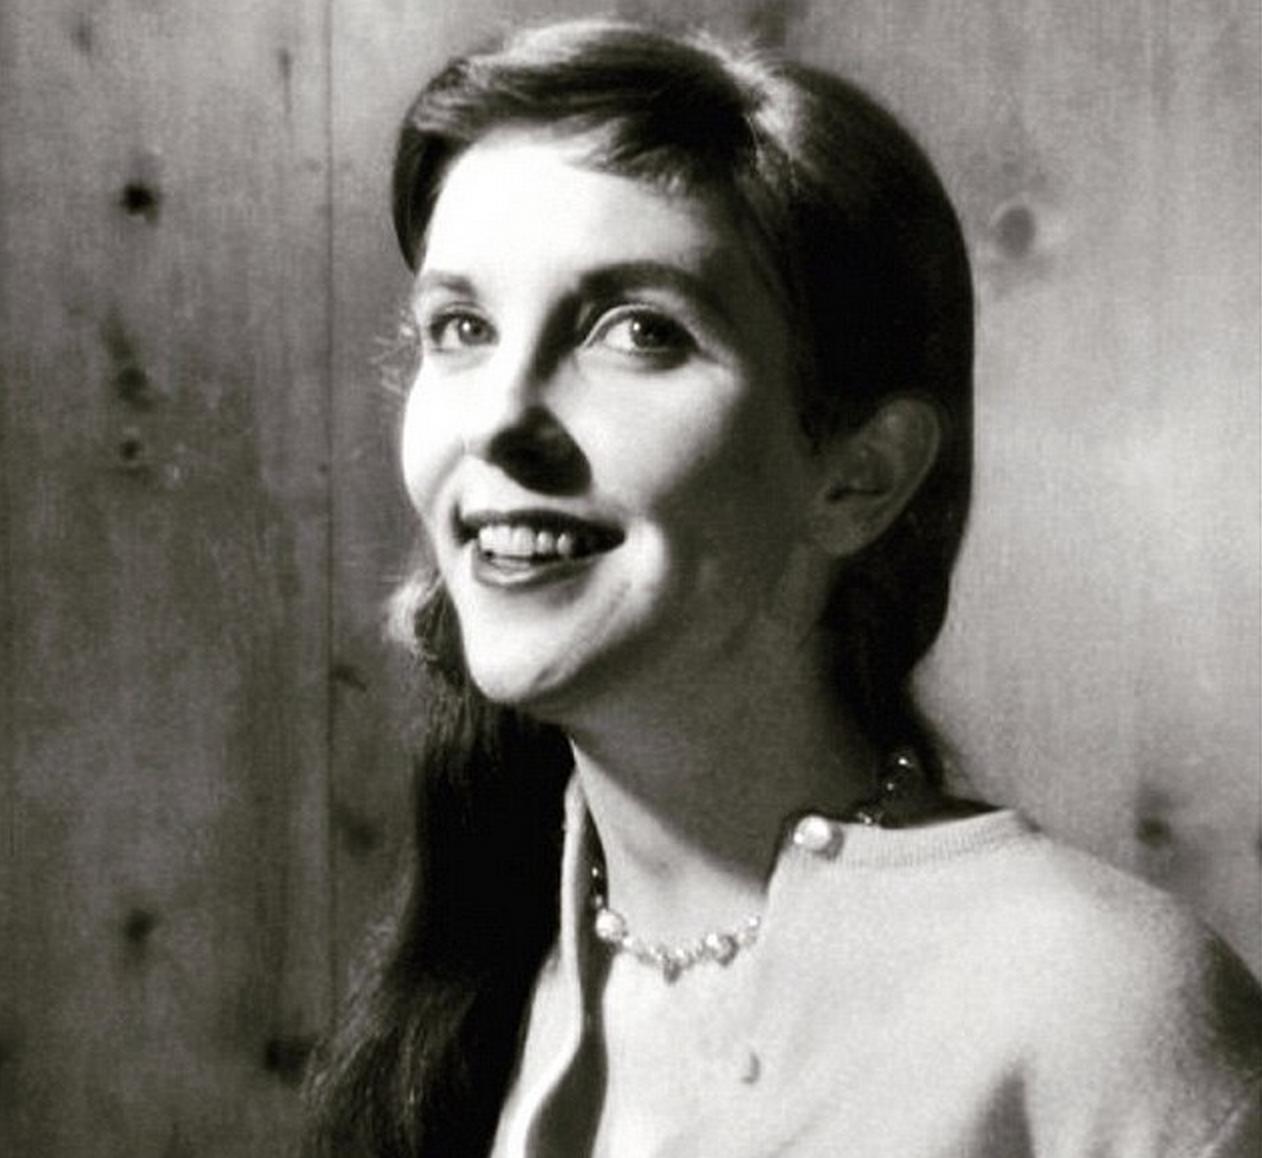 Anne Meara Dies At 85